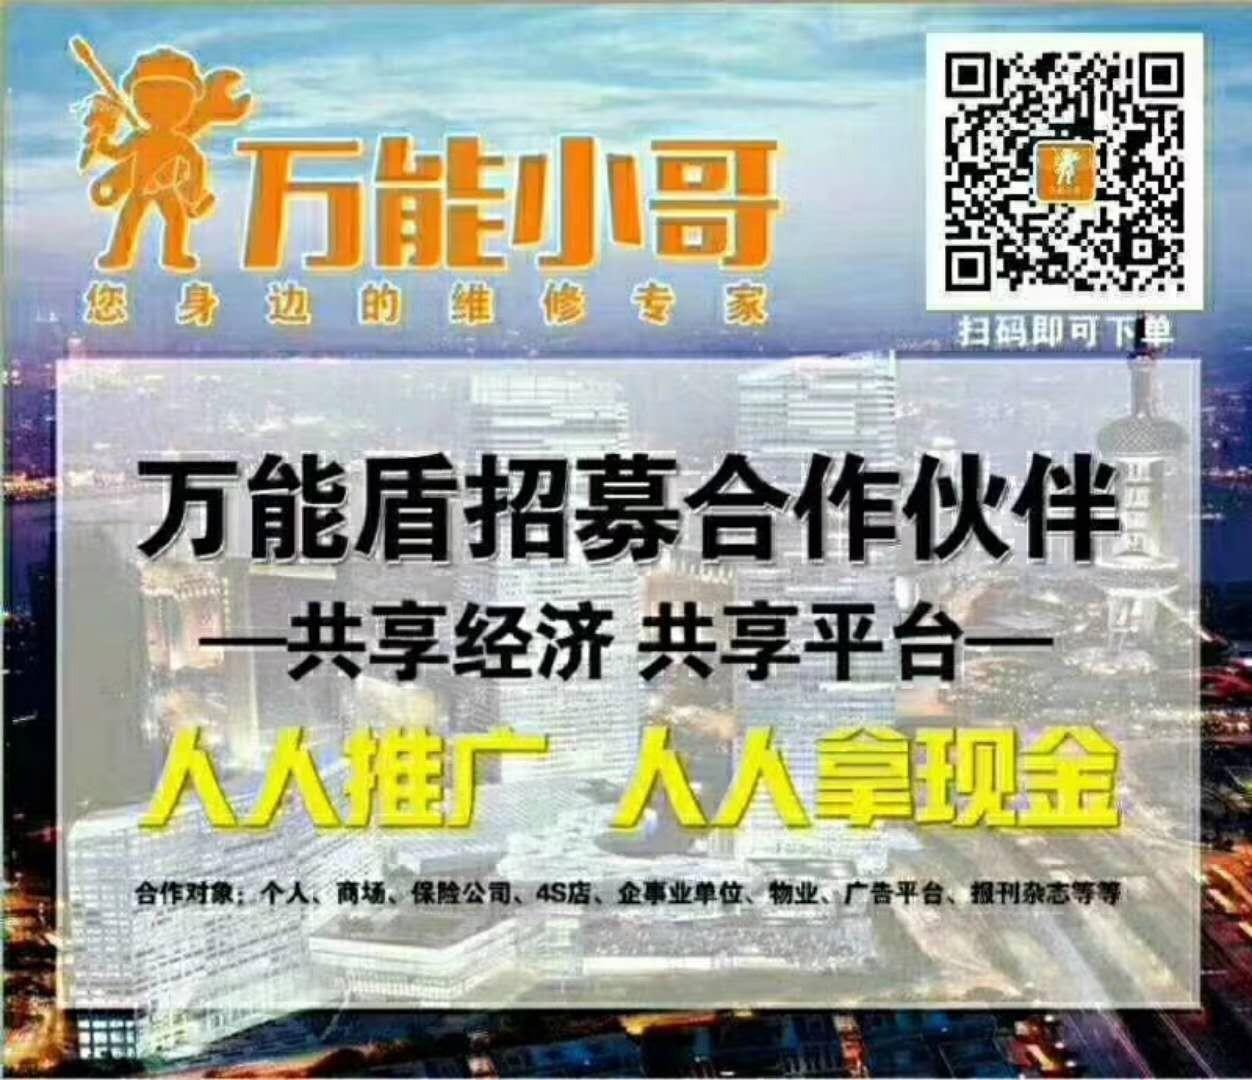 北京 小哥招募衡水 区域合作伙伴